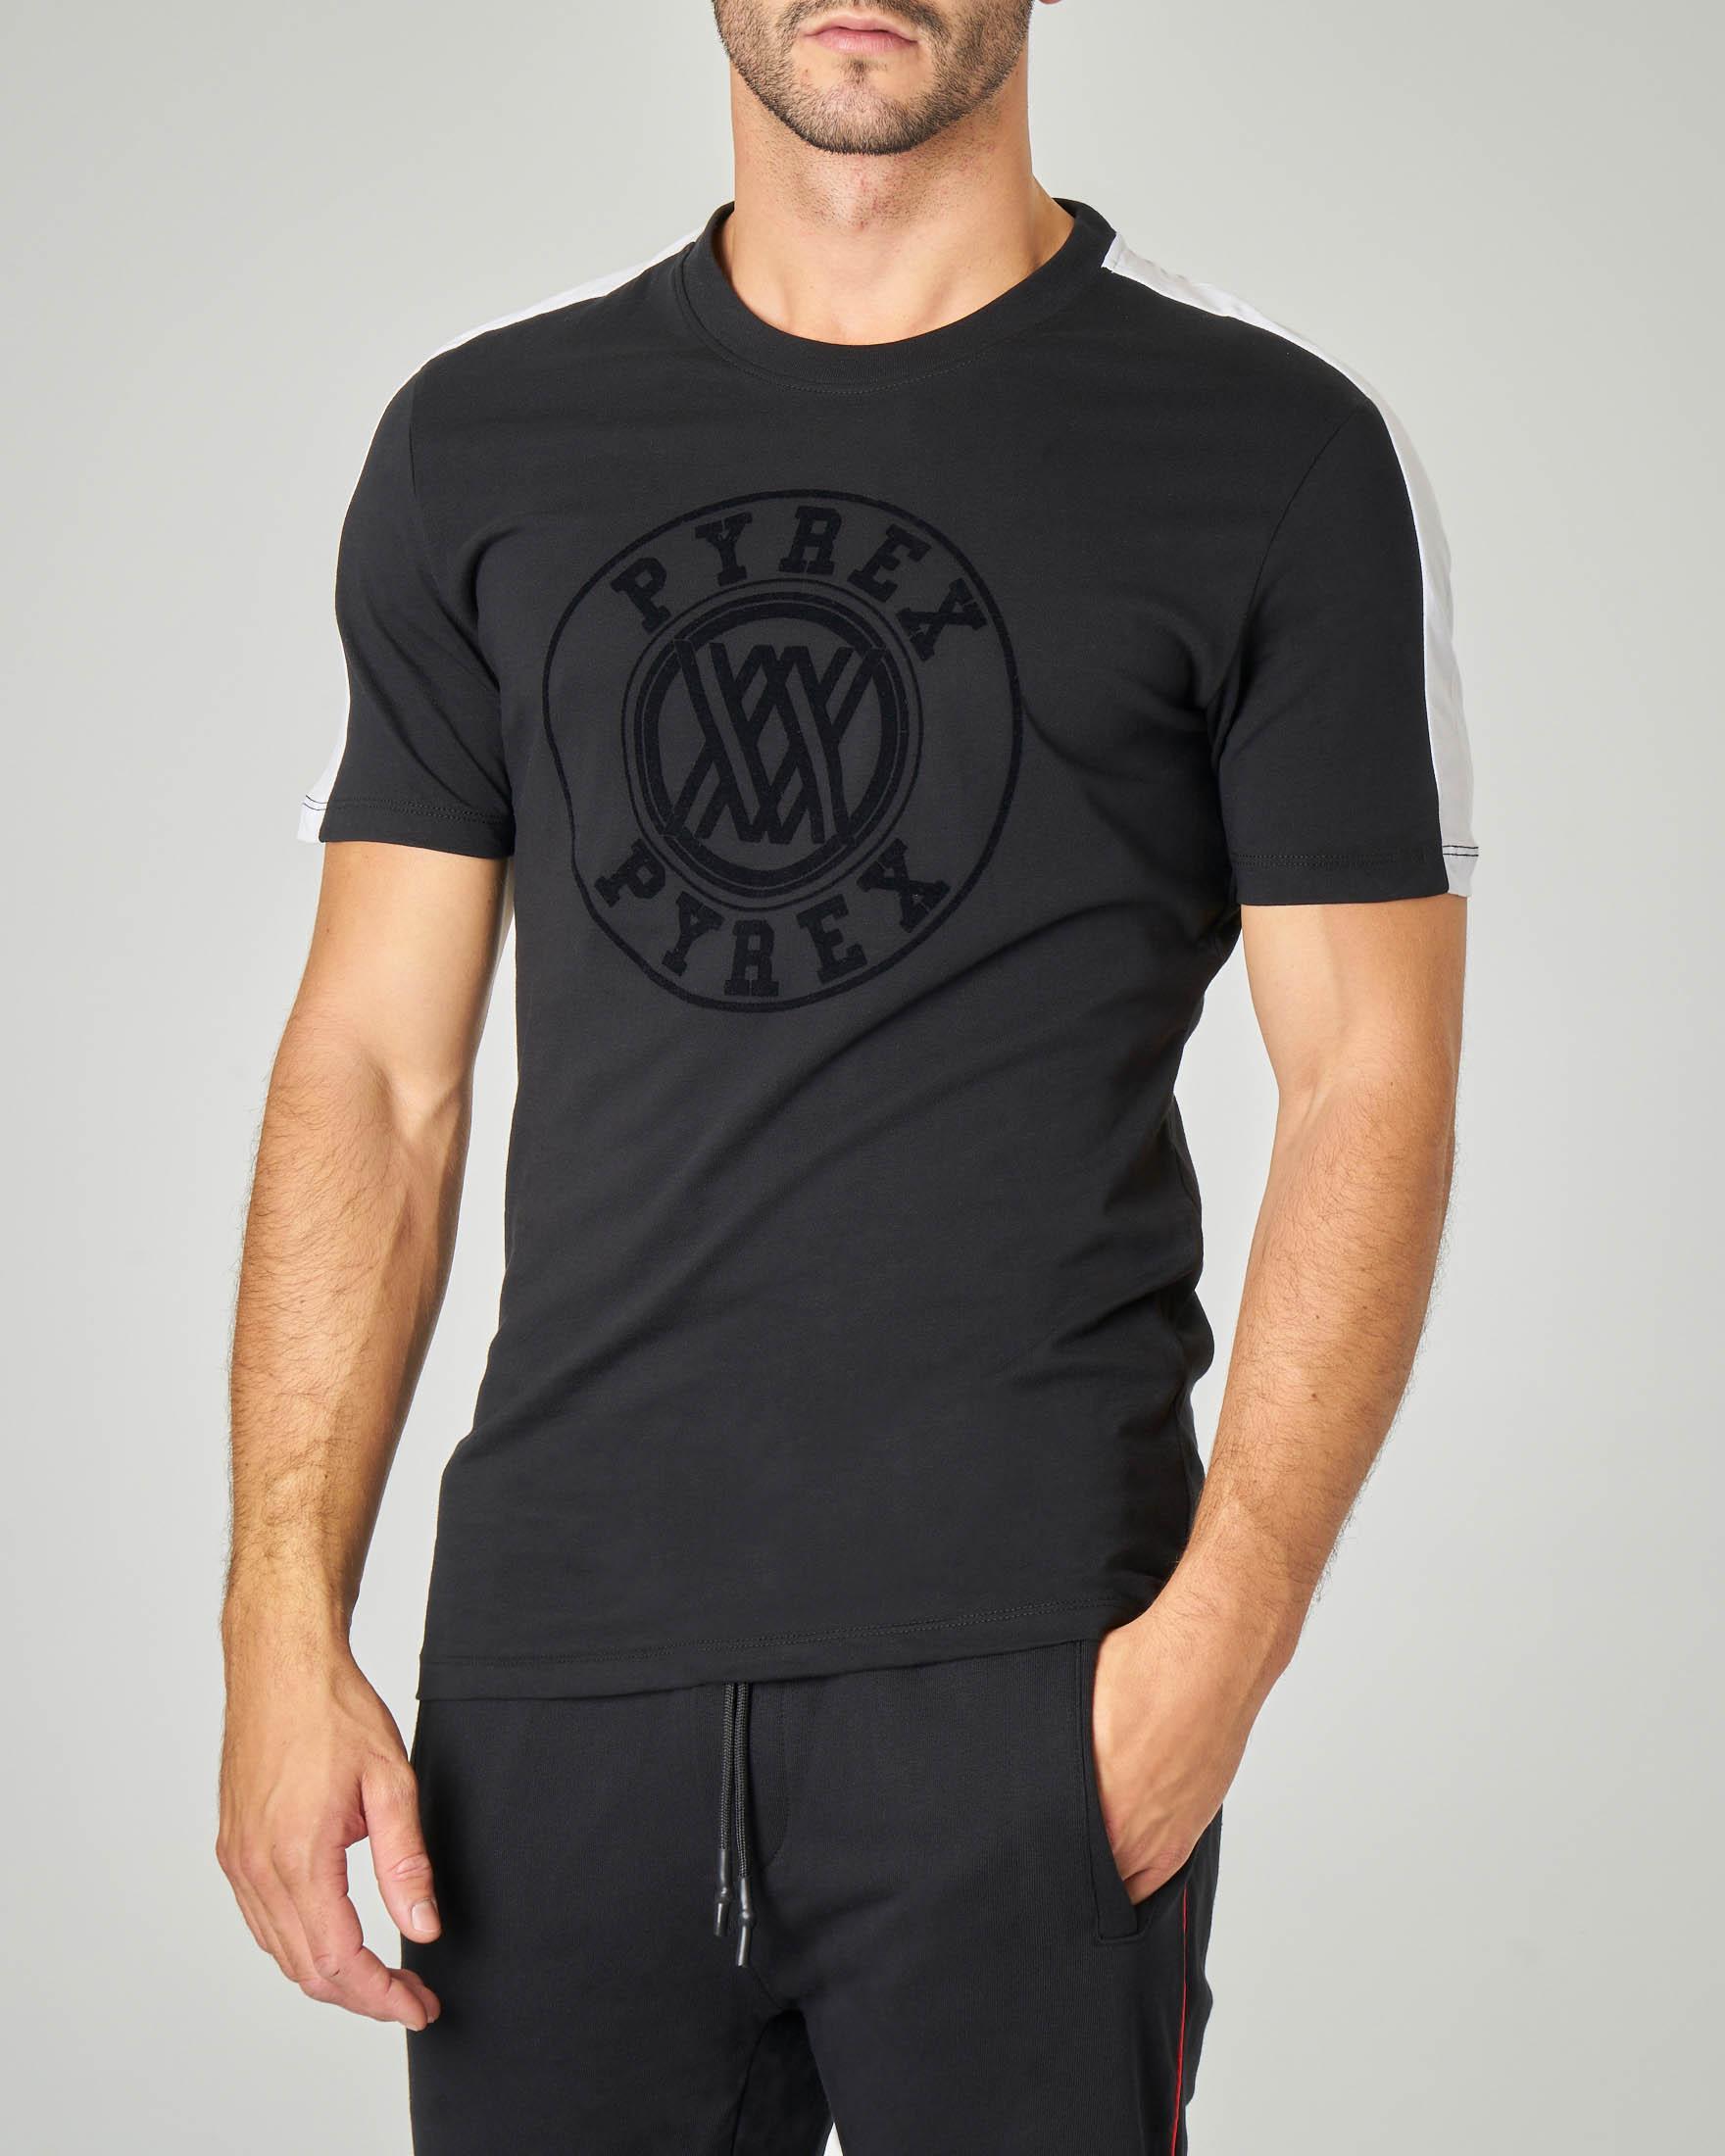 T-shirt nera con logo circolare in rilievo